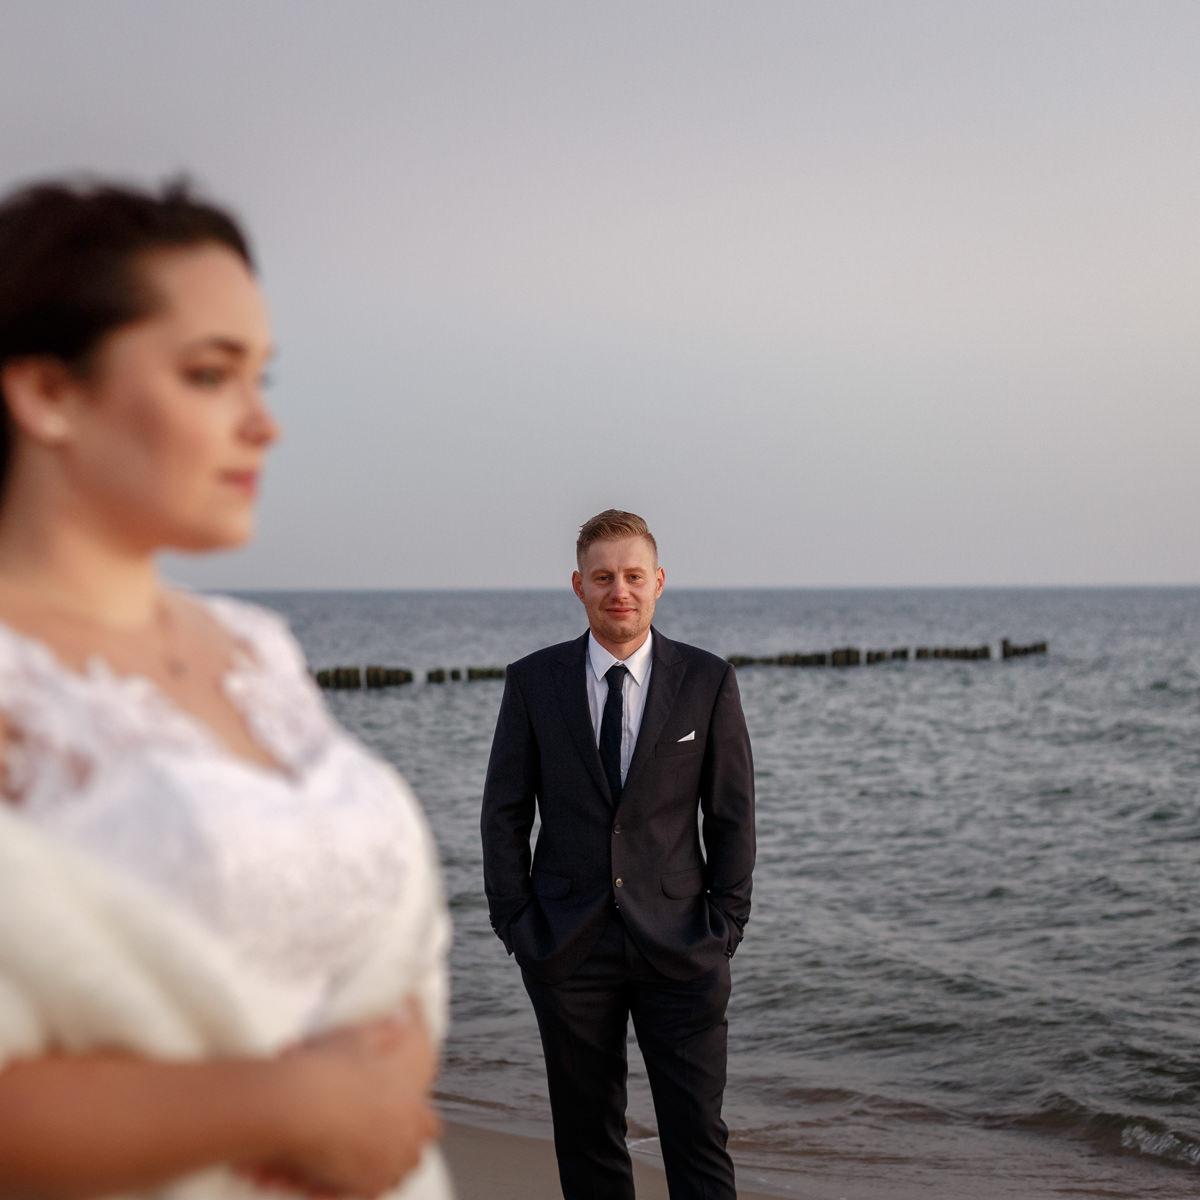 kurdunowicz-fotografia-sesja-slubna-we-władysławowie-29